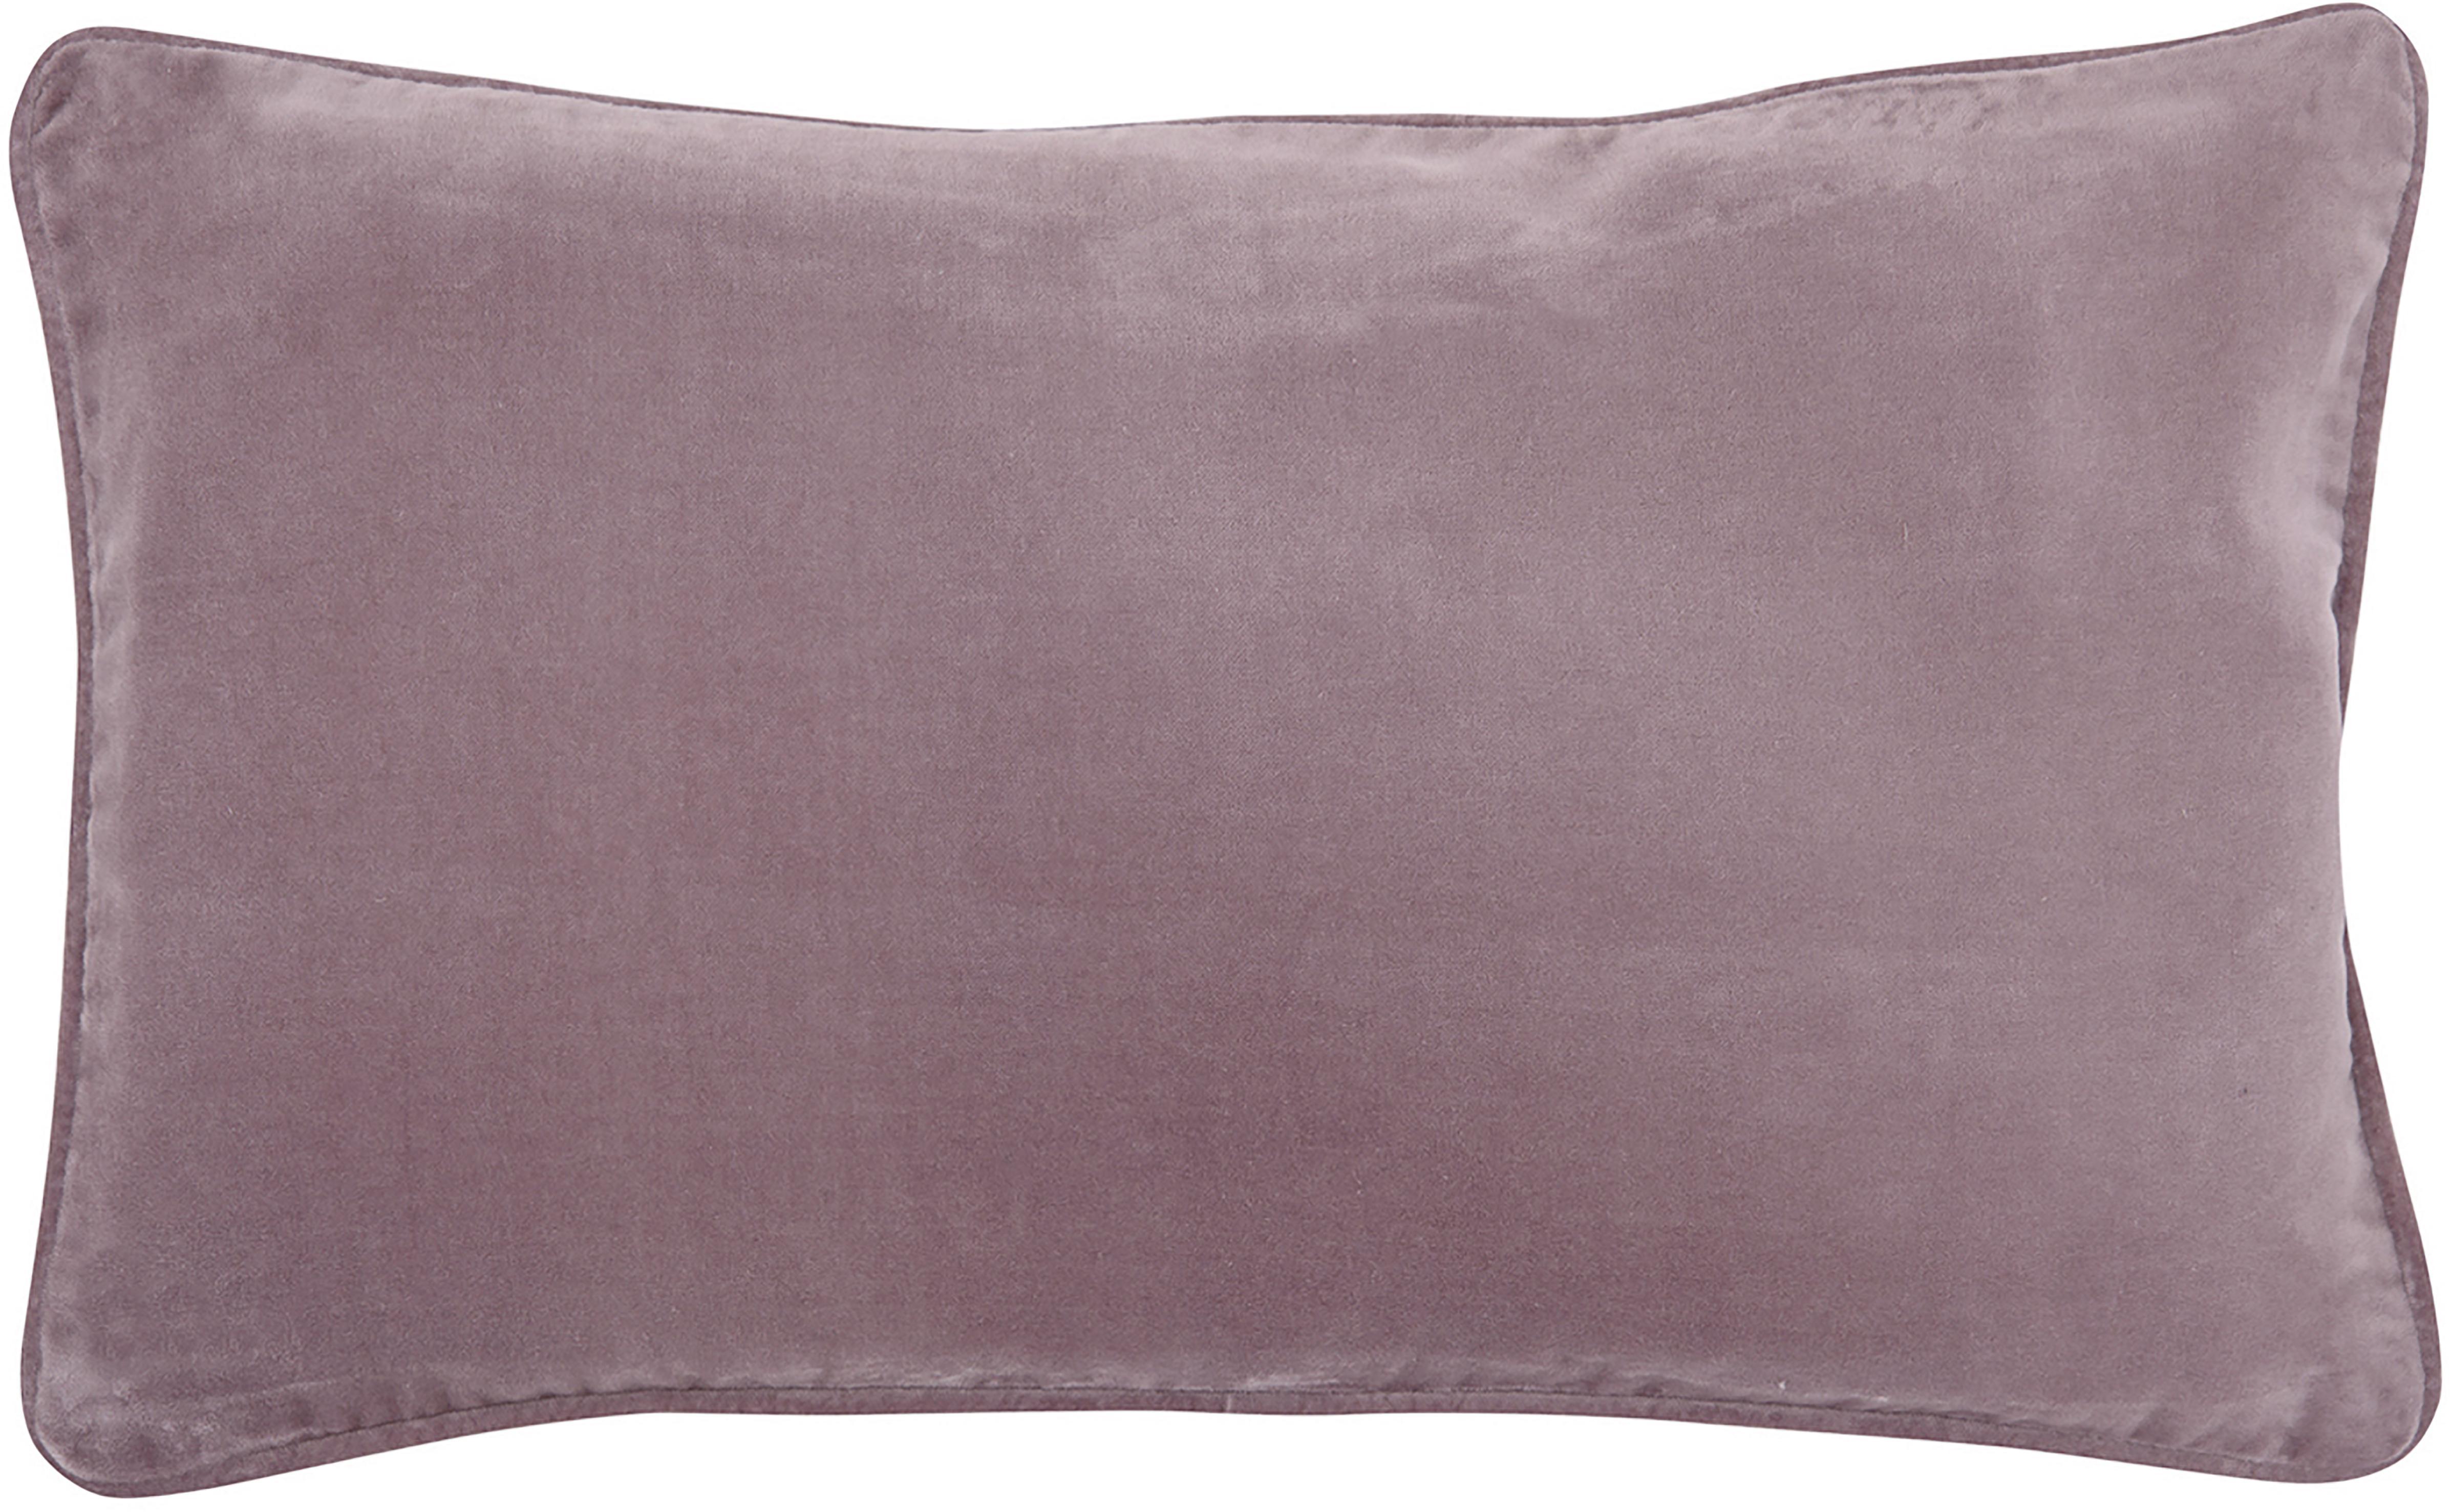 Poszewka na poduszkę z aksamitu Dana, 100% aksamit bawełniany, Brudny różowy, S 30 x D 50 cm